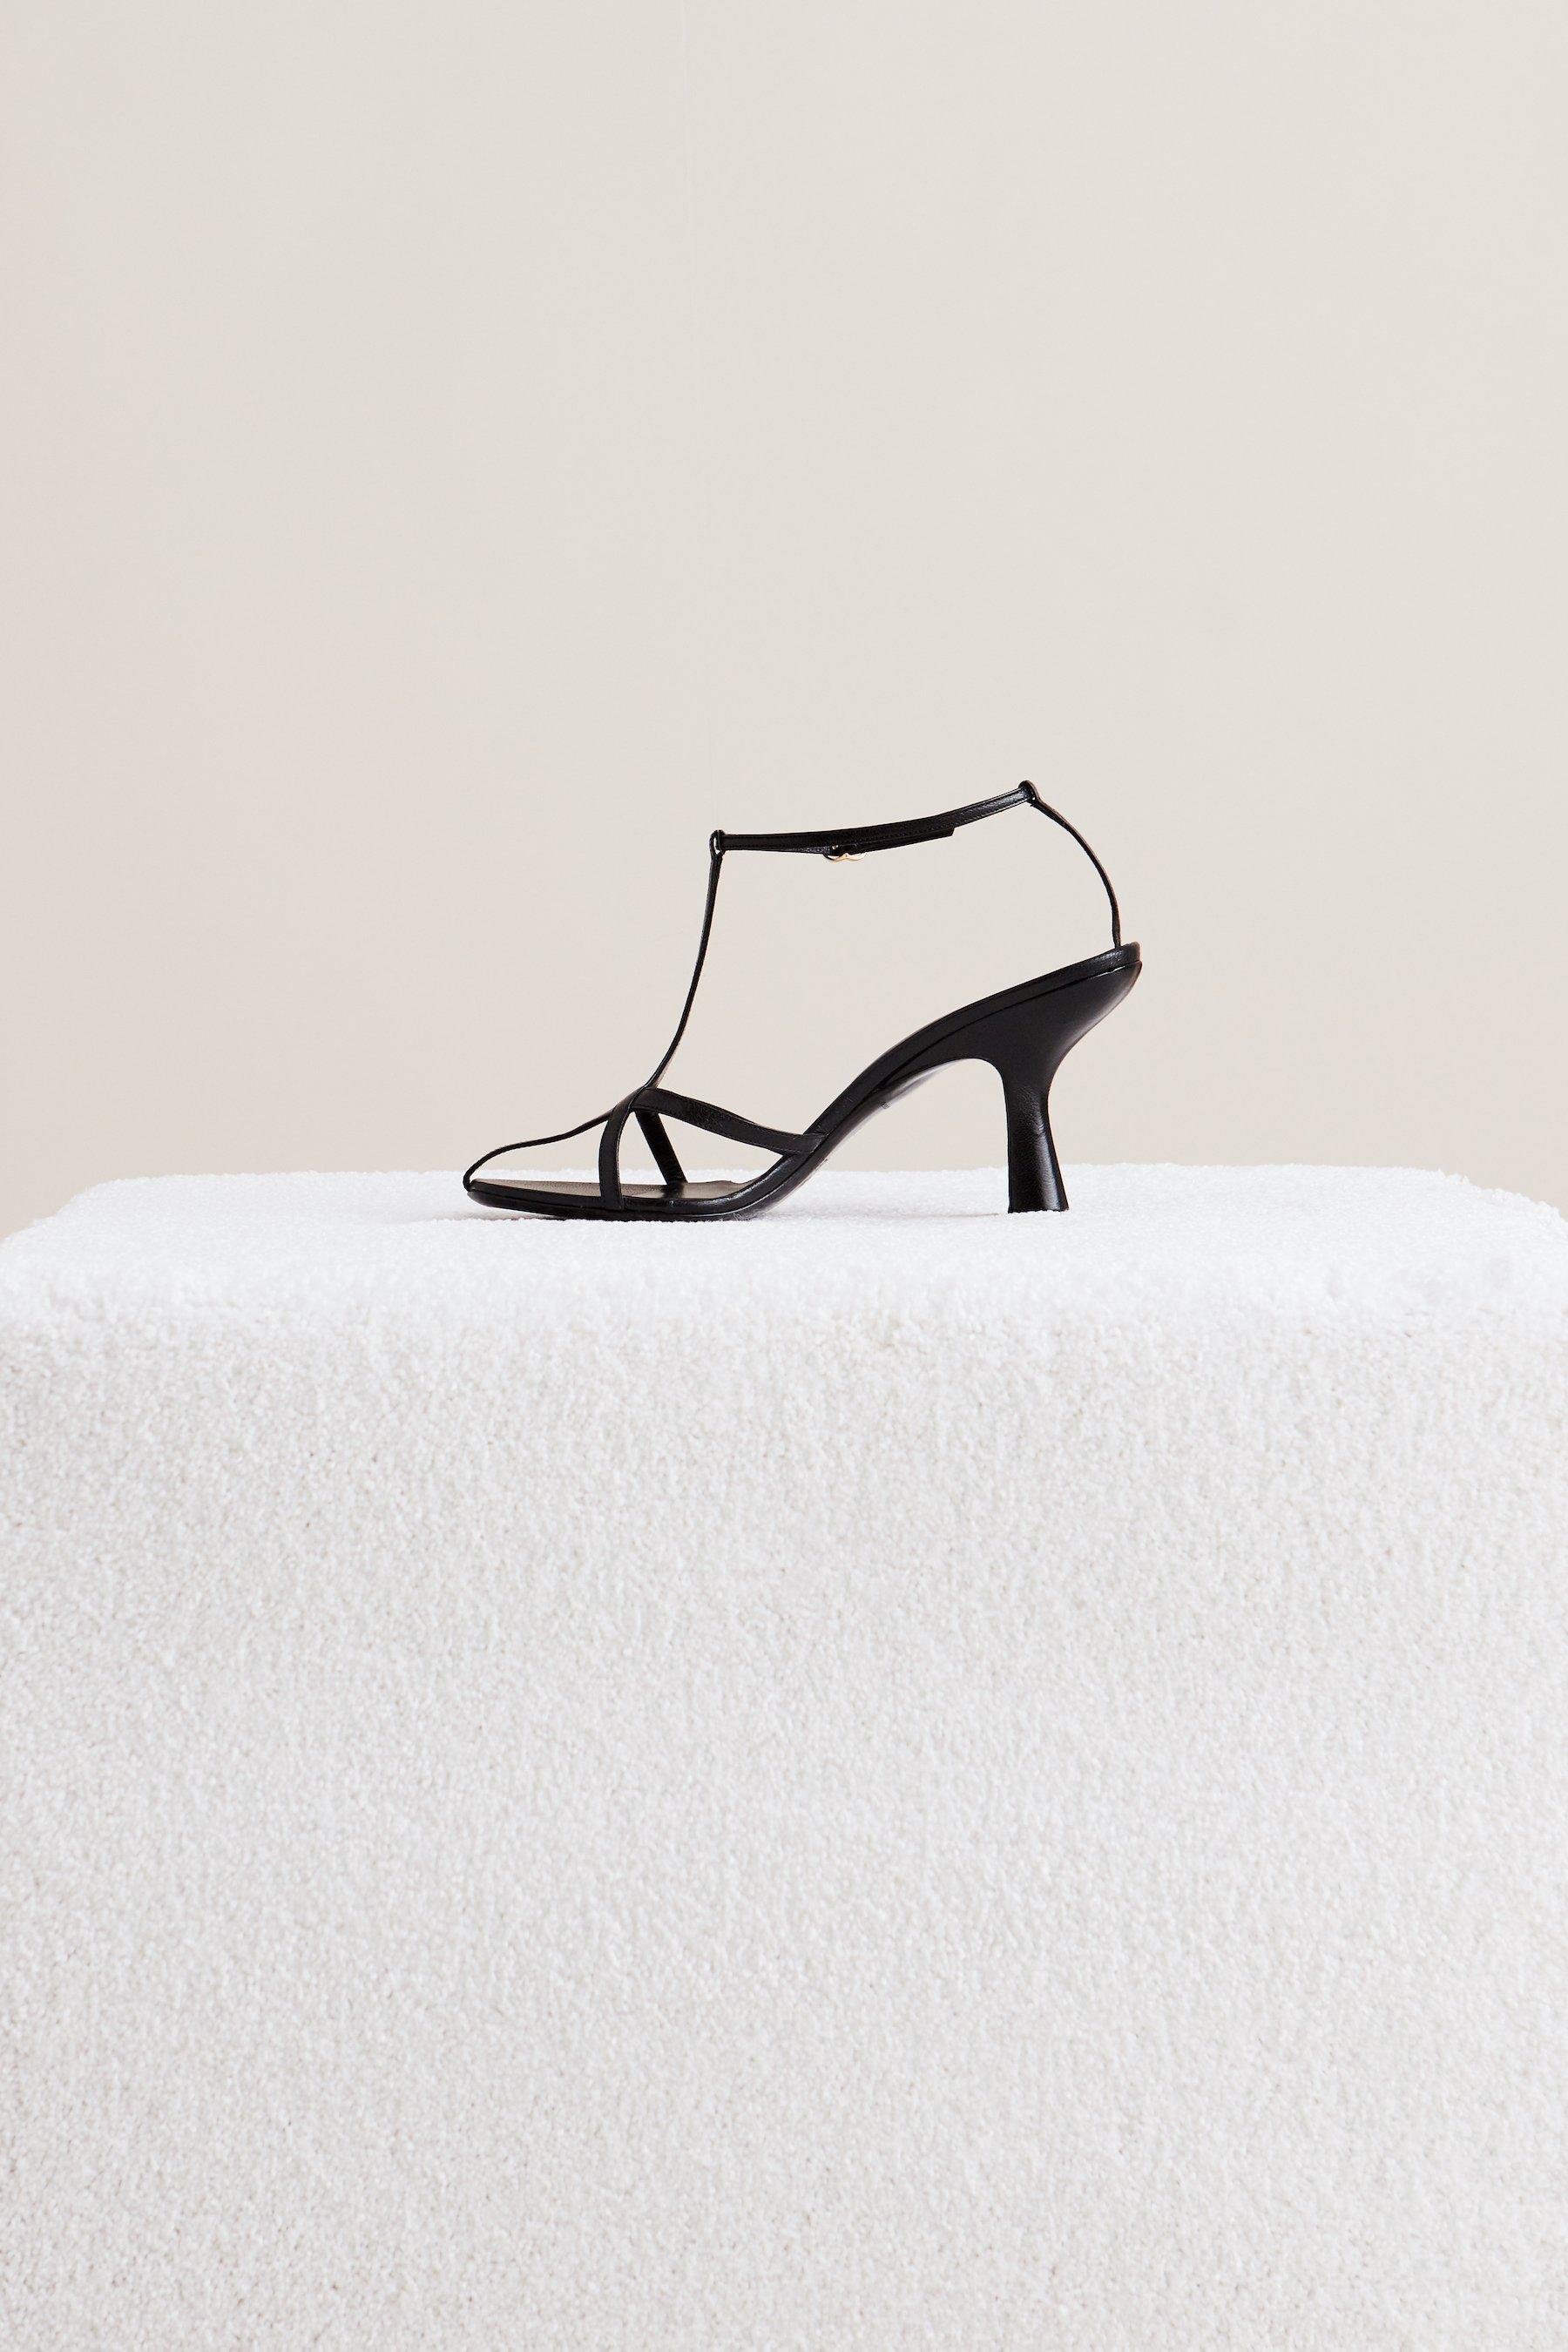 Star Heel in Black by Simon Miller - 3